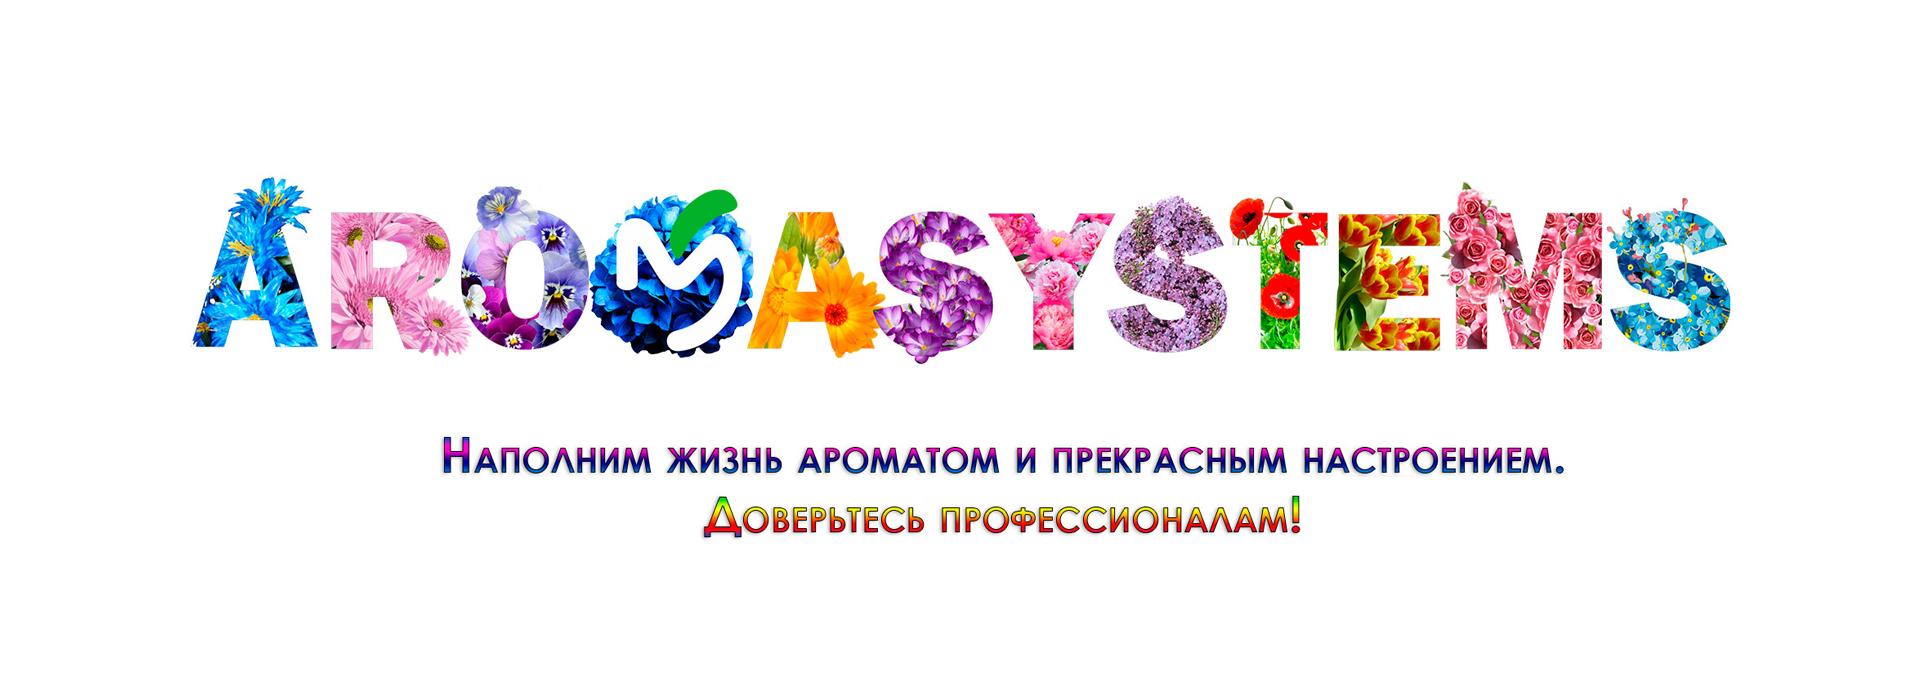 Компания AromaSytems